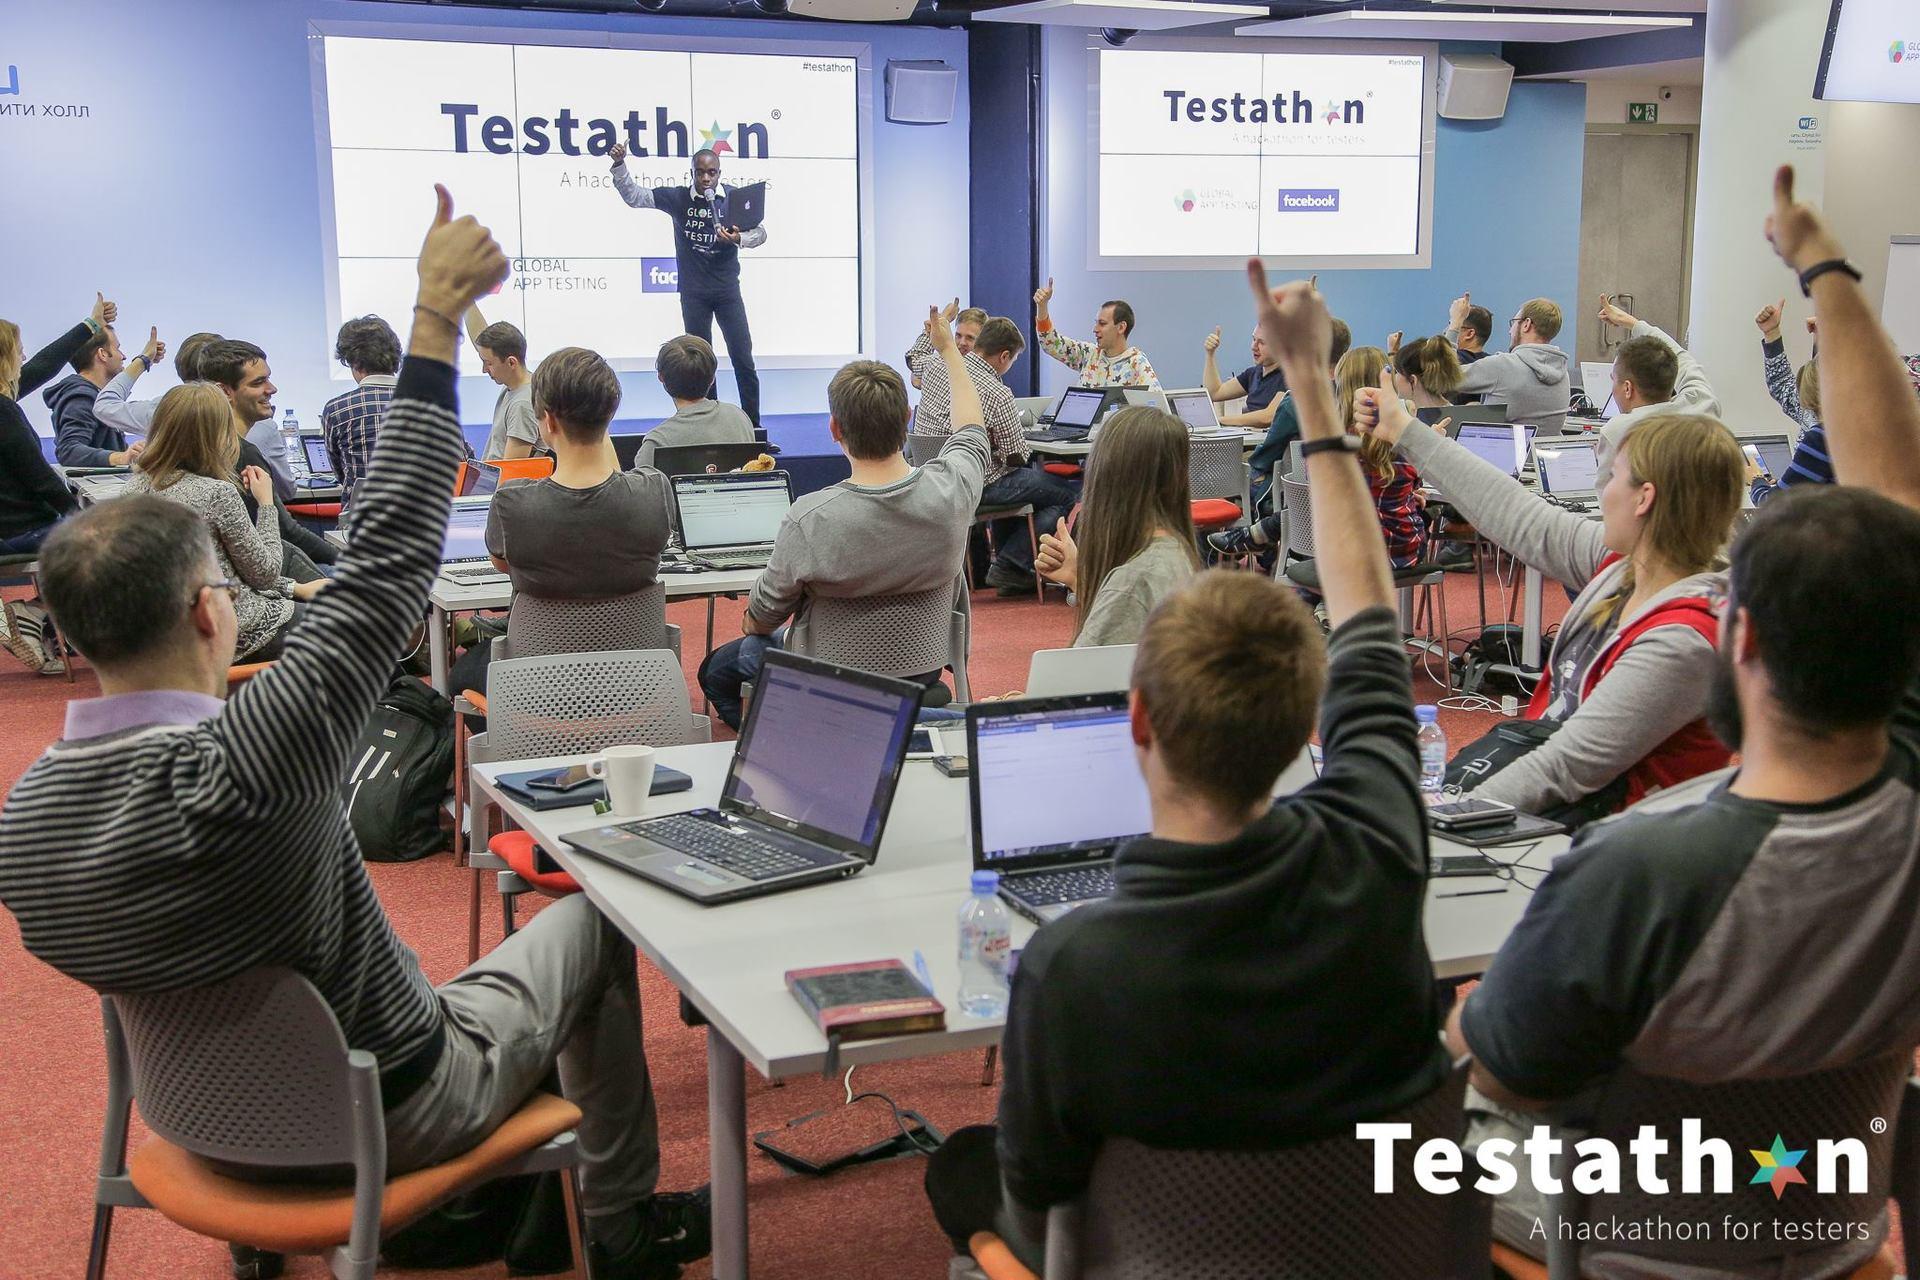 Как я сходил на первый в России «Testathon», хакатон для тестировщиков - 3